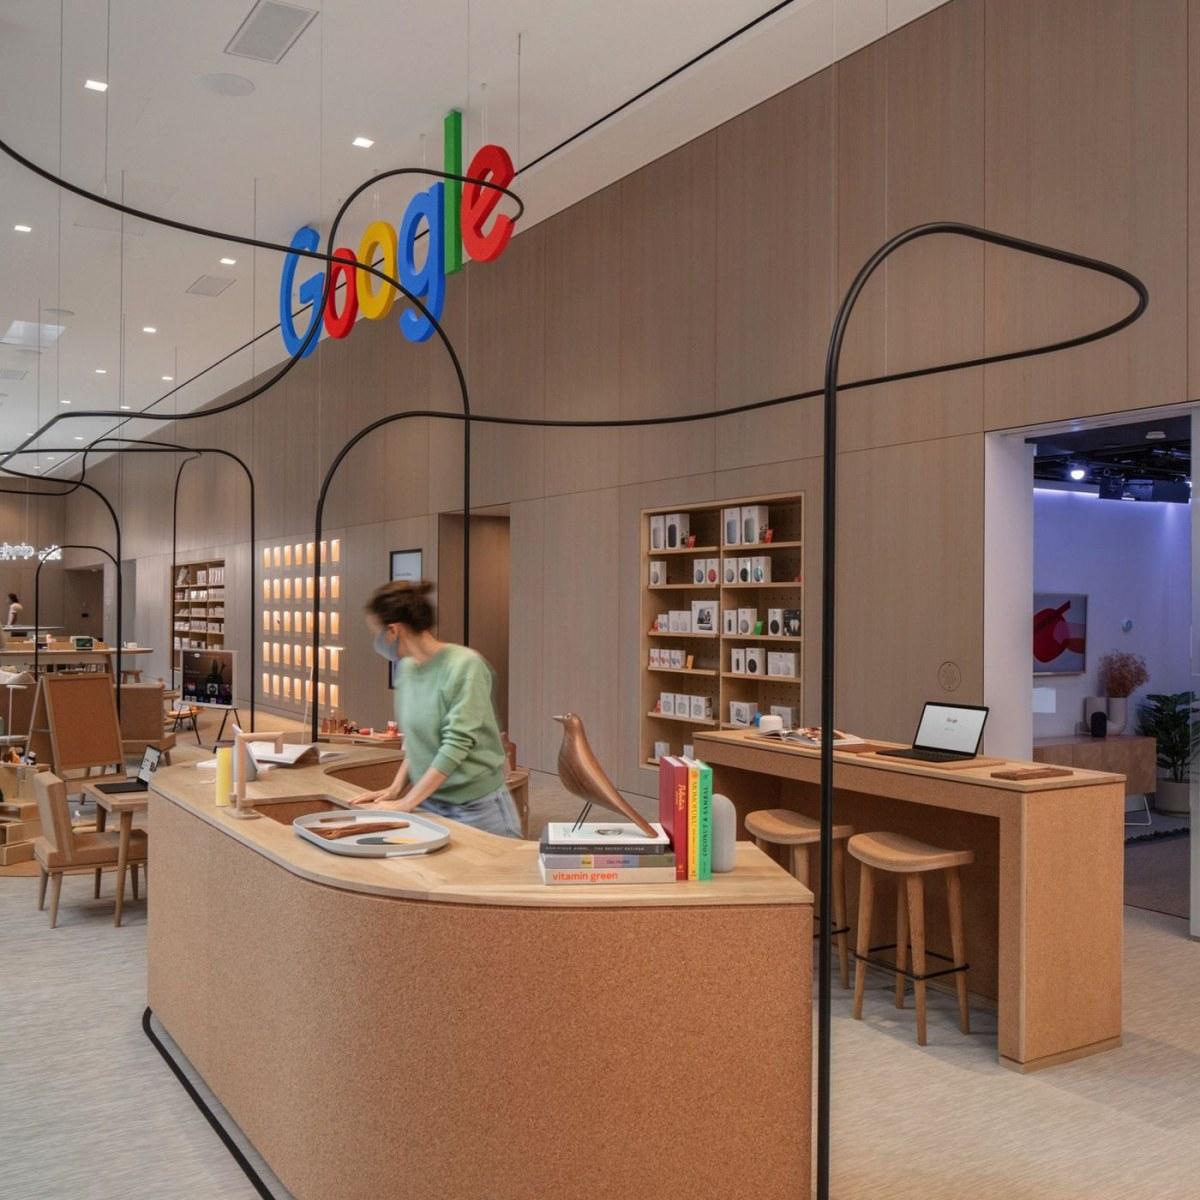 تفاصيل متجر جوجل الجديد بالصور